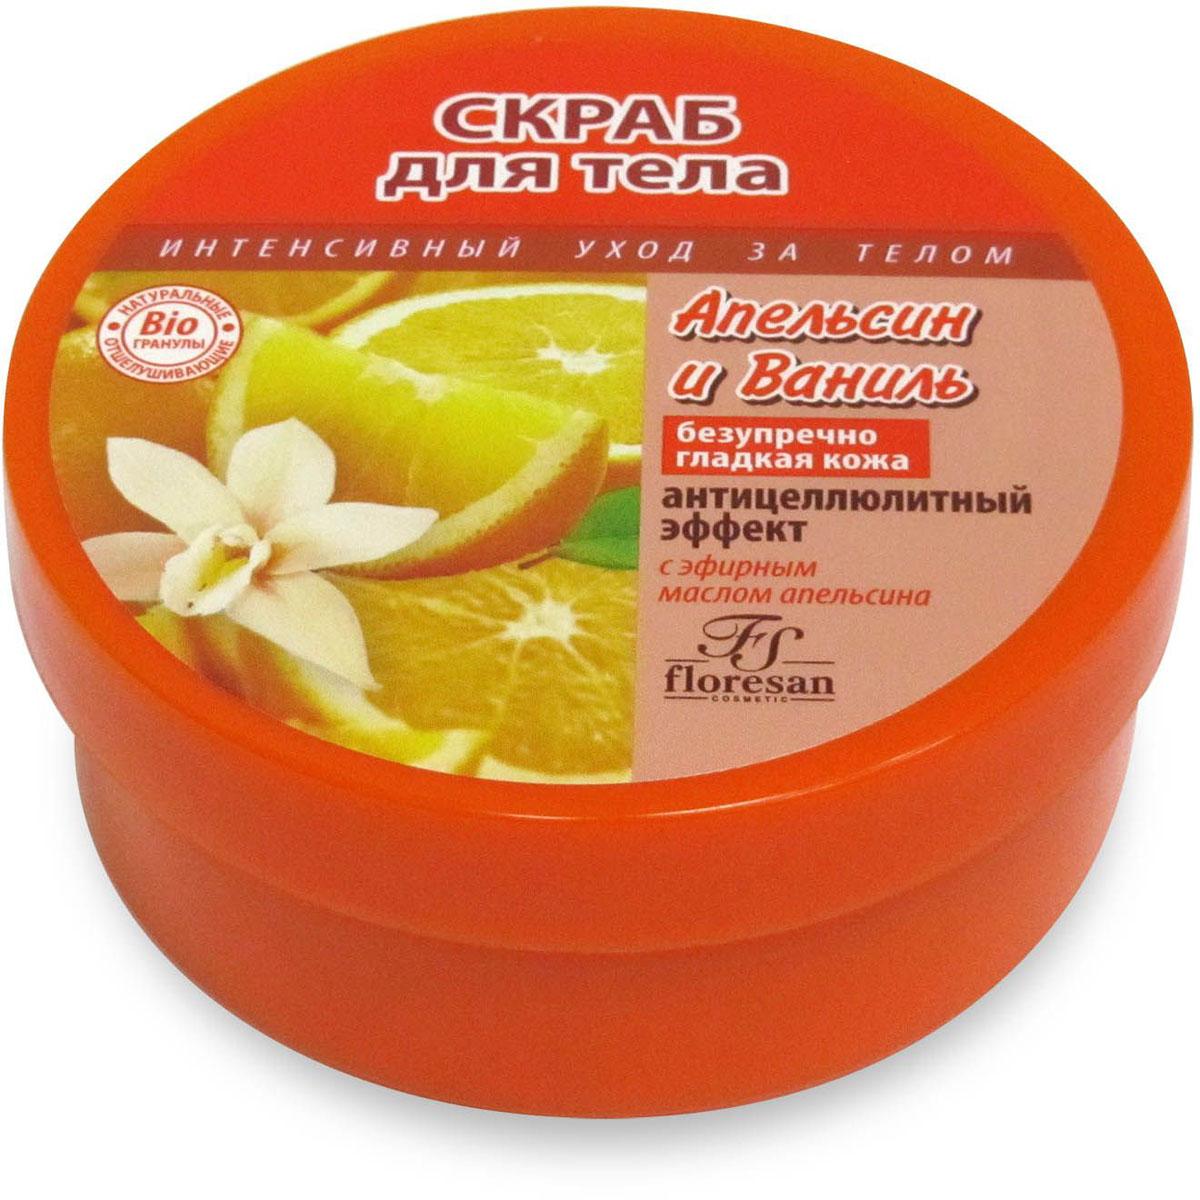 Floresan Скраб для тела Апельсин и ваниль, 200 млБ33041_шампунь-барбарис и липа, скраб -черная смородинаFloresan Скраб для тела Апельсин и Ваниль 200 мл с манящей текстурой и изысканным ароматом создан специально для интенсивного ухода за вашей кожей. Входящие в состав скраба натуральные био-гранулы, которые выступают в качестве пилинга, нежно массажируют и очищают кожу, делают ее мягкой и гладкой, стимулируют кровообращение и улучшают доступ кислорода к клеткам.Скраб является уникальным био-активным комплексом, который способствует выводу токсинов из организма, улучшает тонус кожи и выравнивает контуры силуэта.Органический экстракты апельсина и ванили заботятся о вашей коже, увлажняя и питая ее, оставляя шлейф изысканного аромата. Интенсивный уход за телом, натуральные отшелушивающие bio-гранулы, безупречно гладкая кожа, антицеллюлитный эффект.